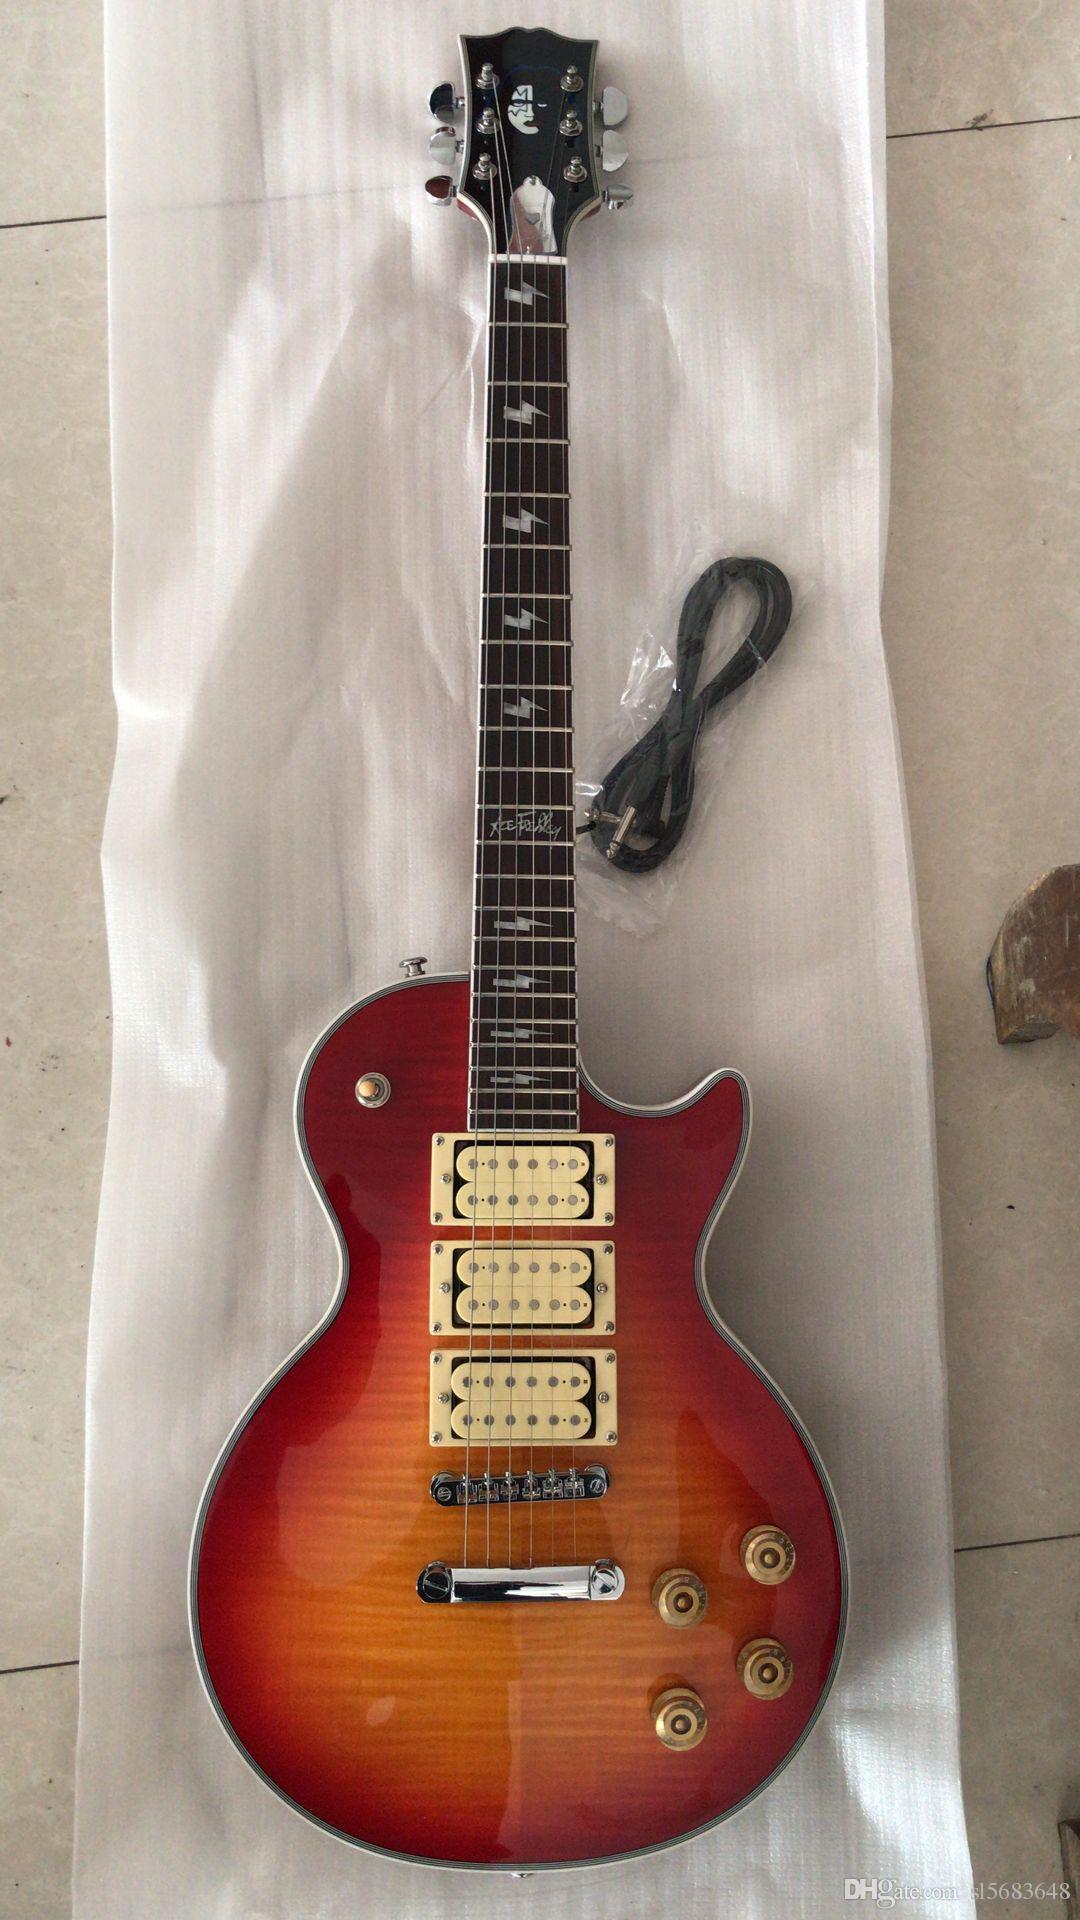 Envio Grátis! Personalizado alta qualidade por atacado de 6 cordas da guitarra elétrica no sunburst .3 captadores cromo guitarra hardware, 180315